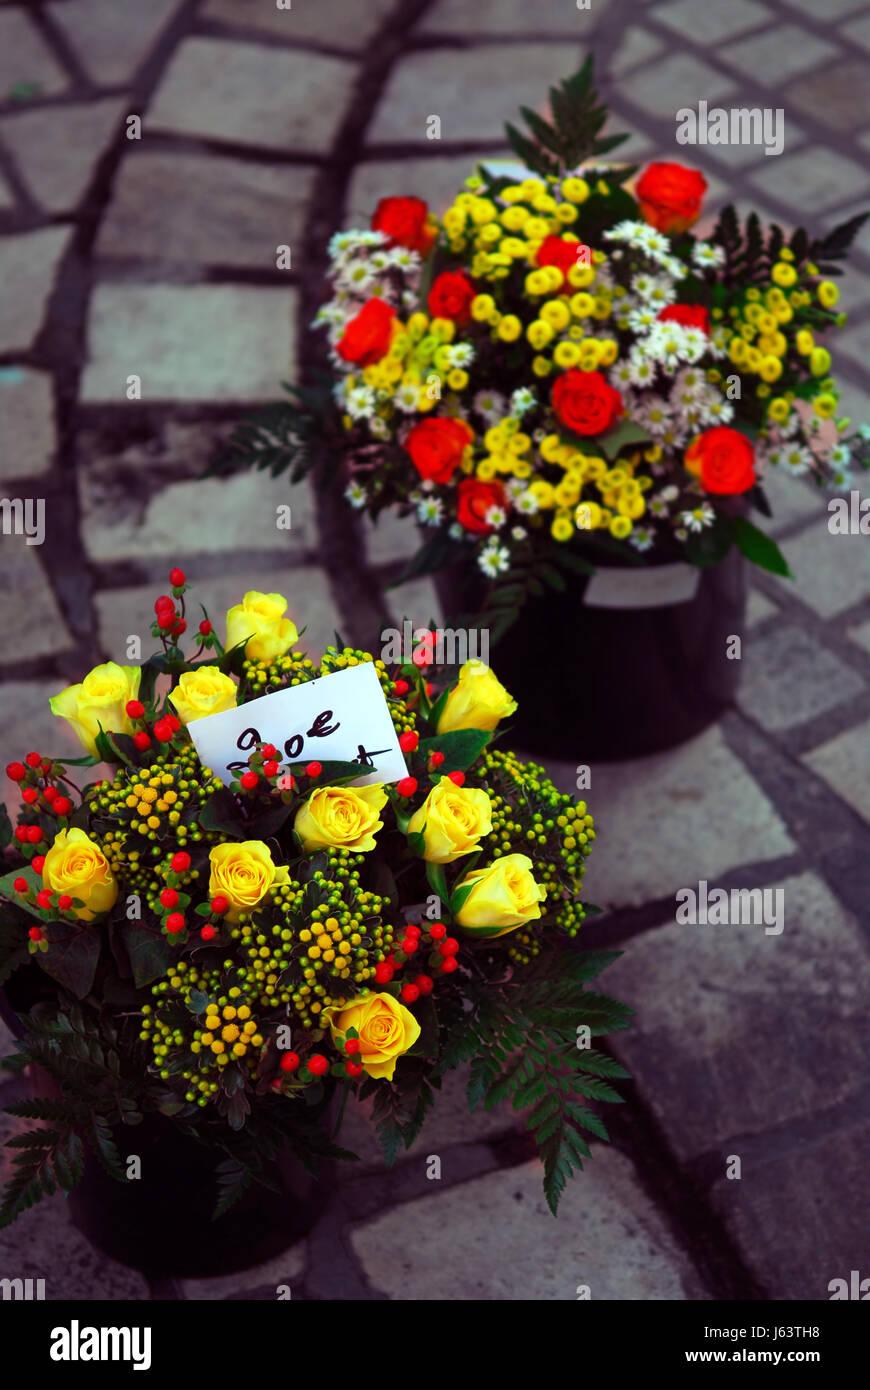 flower flowers plant roses basket bouquet buy sale market ...